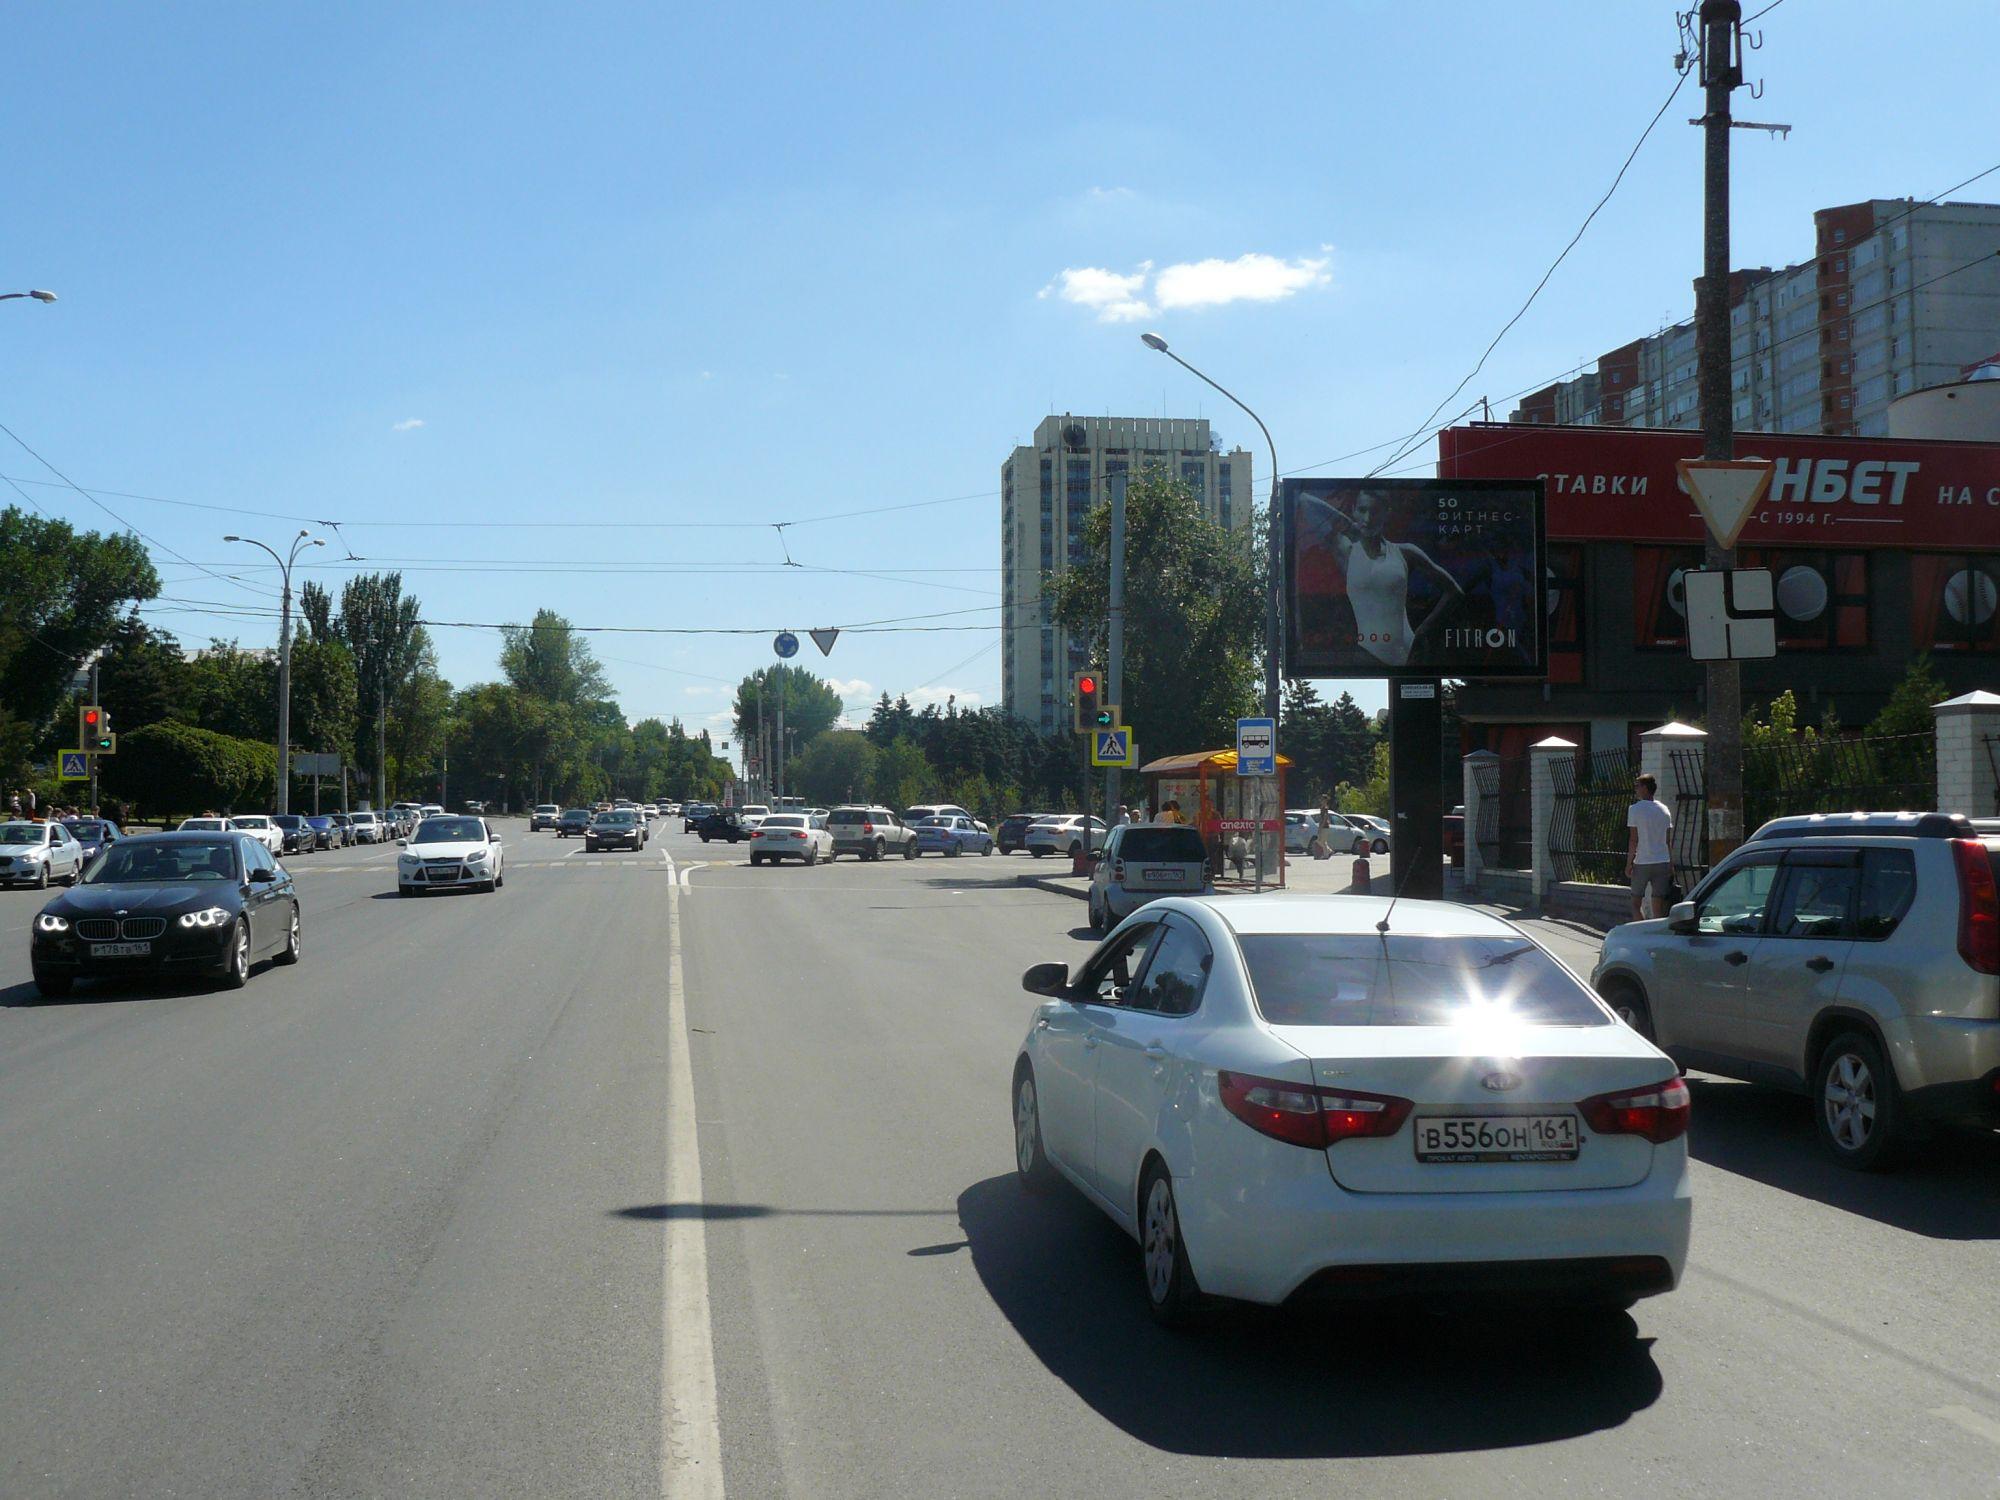 Текучева — Ворошиловский, сторона А Сторона A1